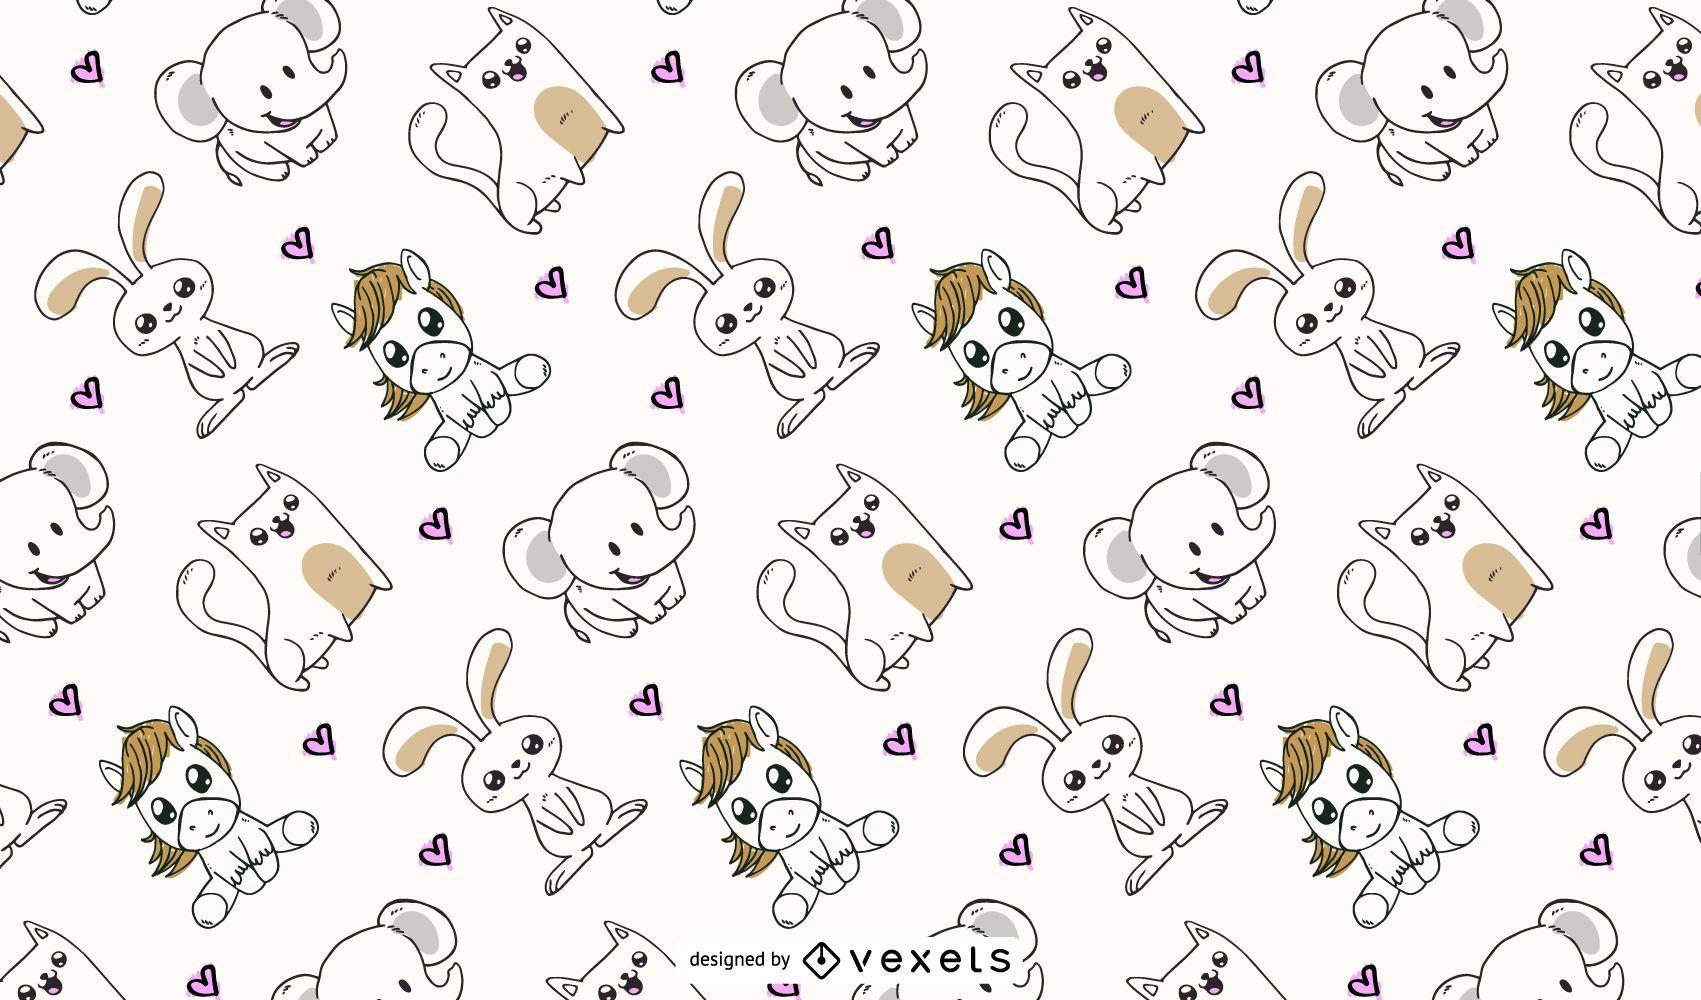 diseño de patrón de animales lindos